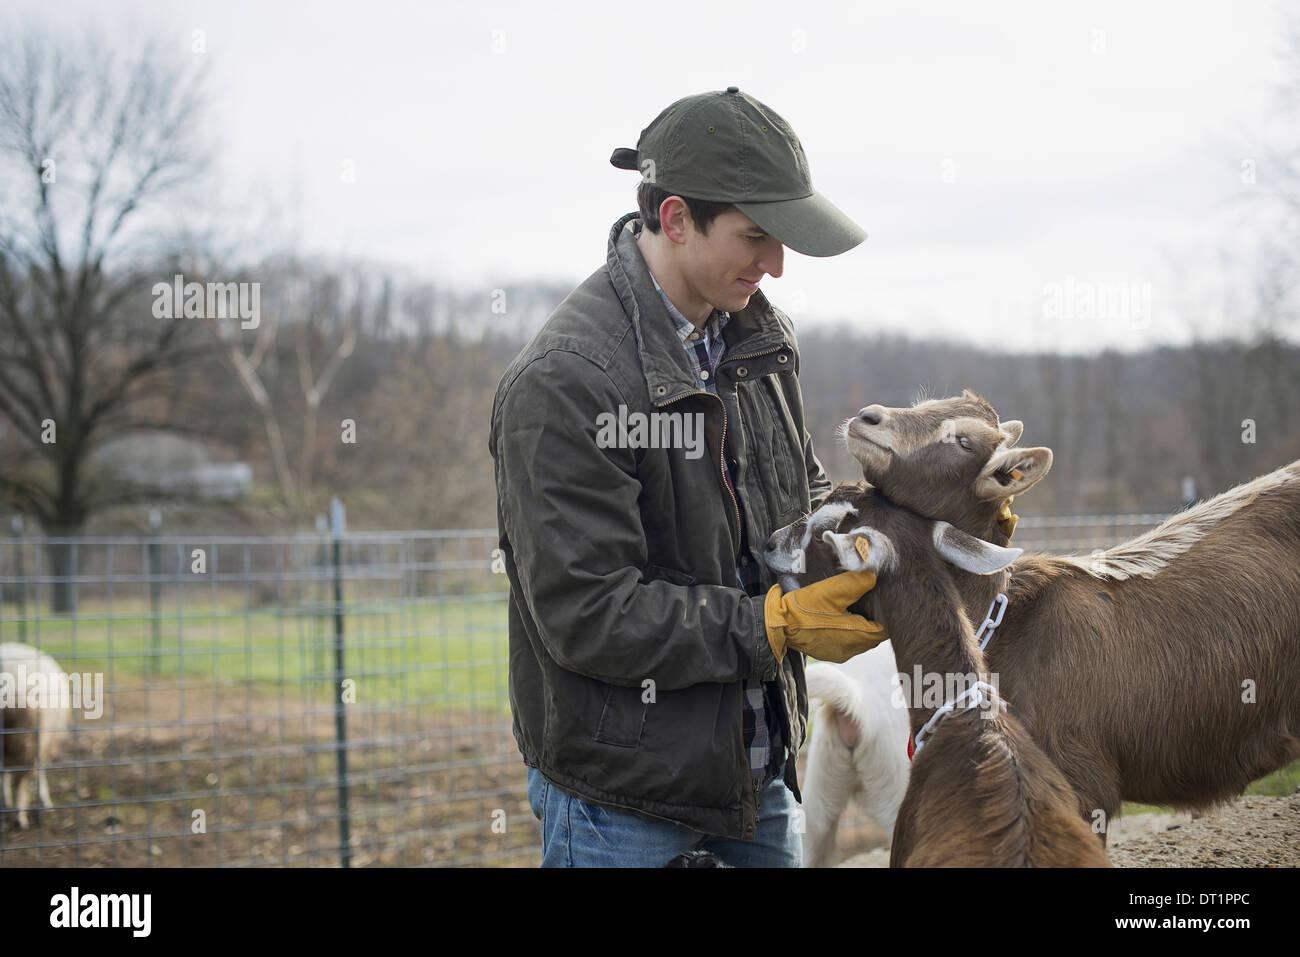 Granja lechera agricultor trabajando y cuidando a los animales Imagen De Stock